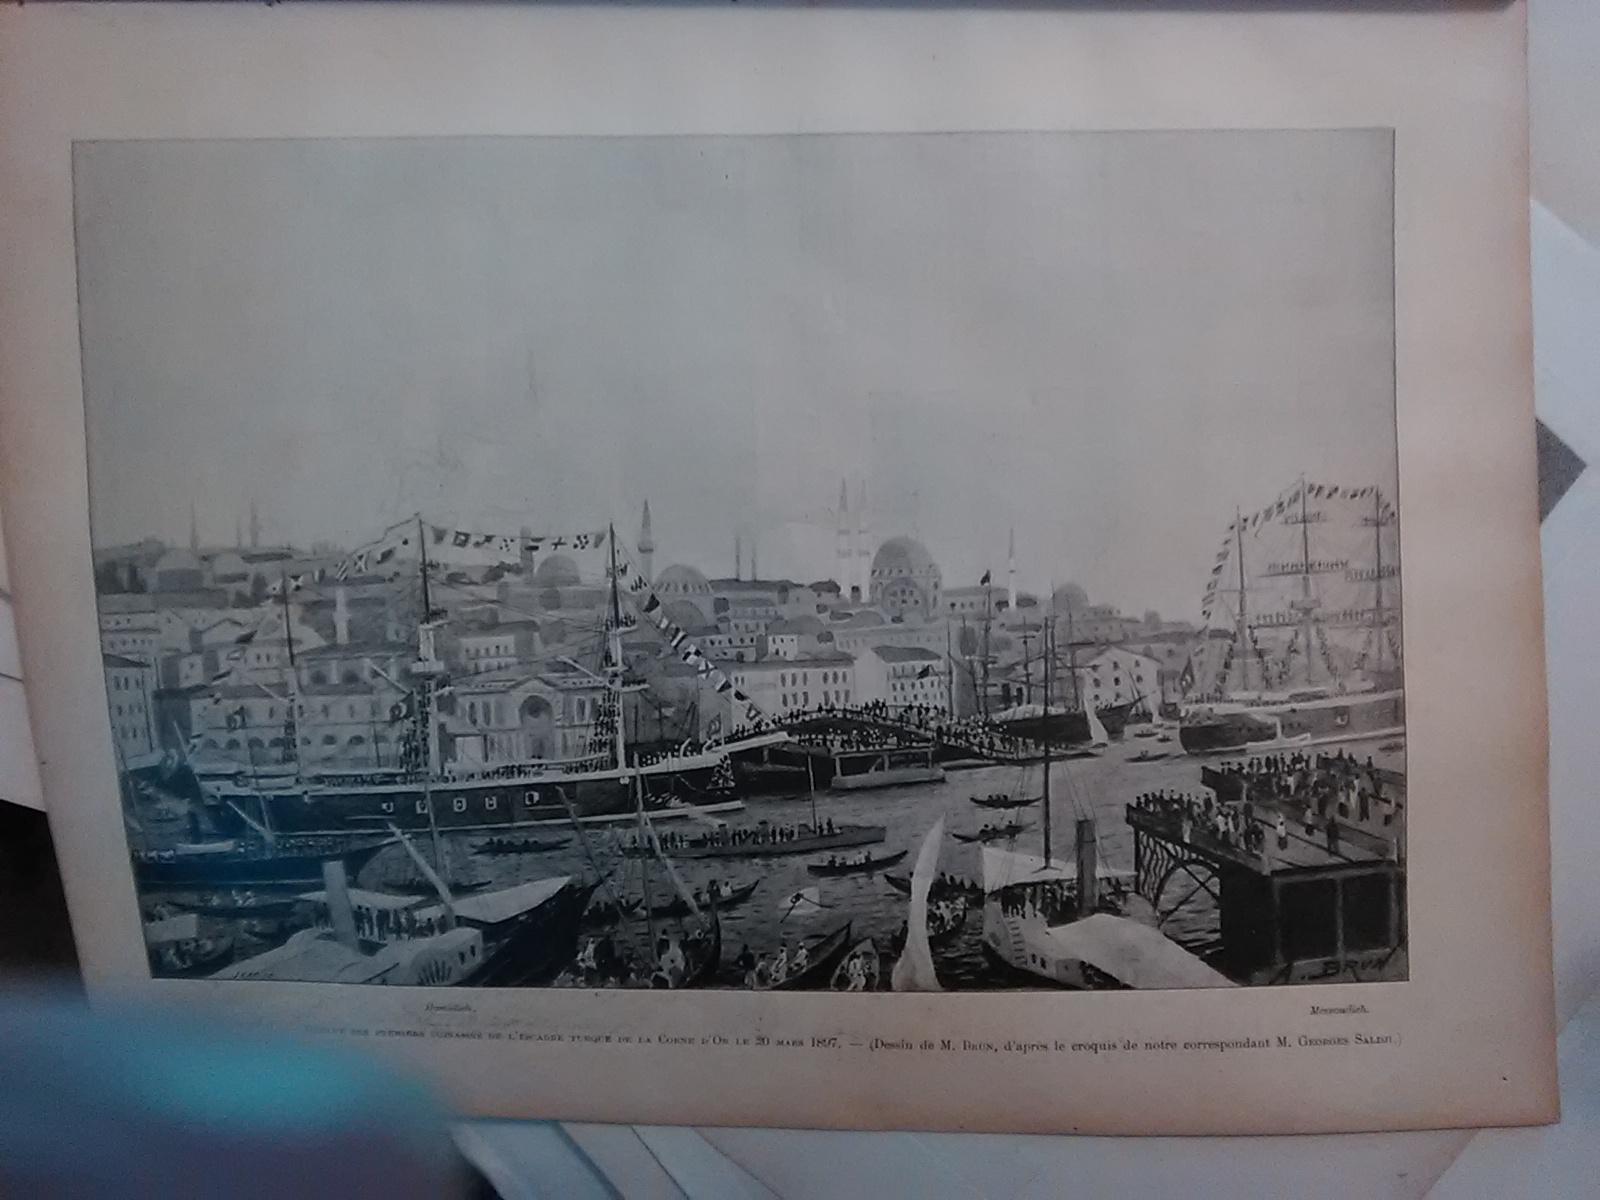 Κωνσταντινοίπολη monde illustre 1837.jpg